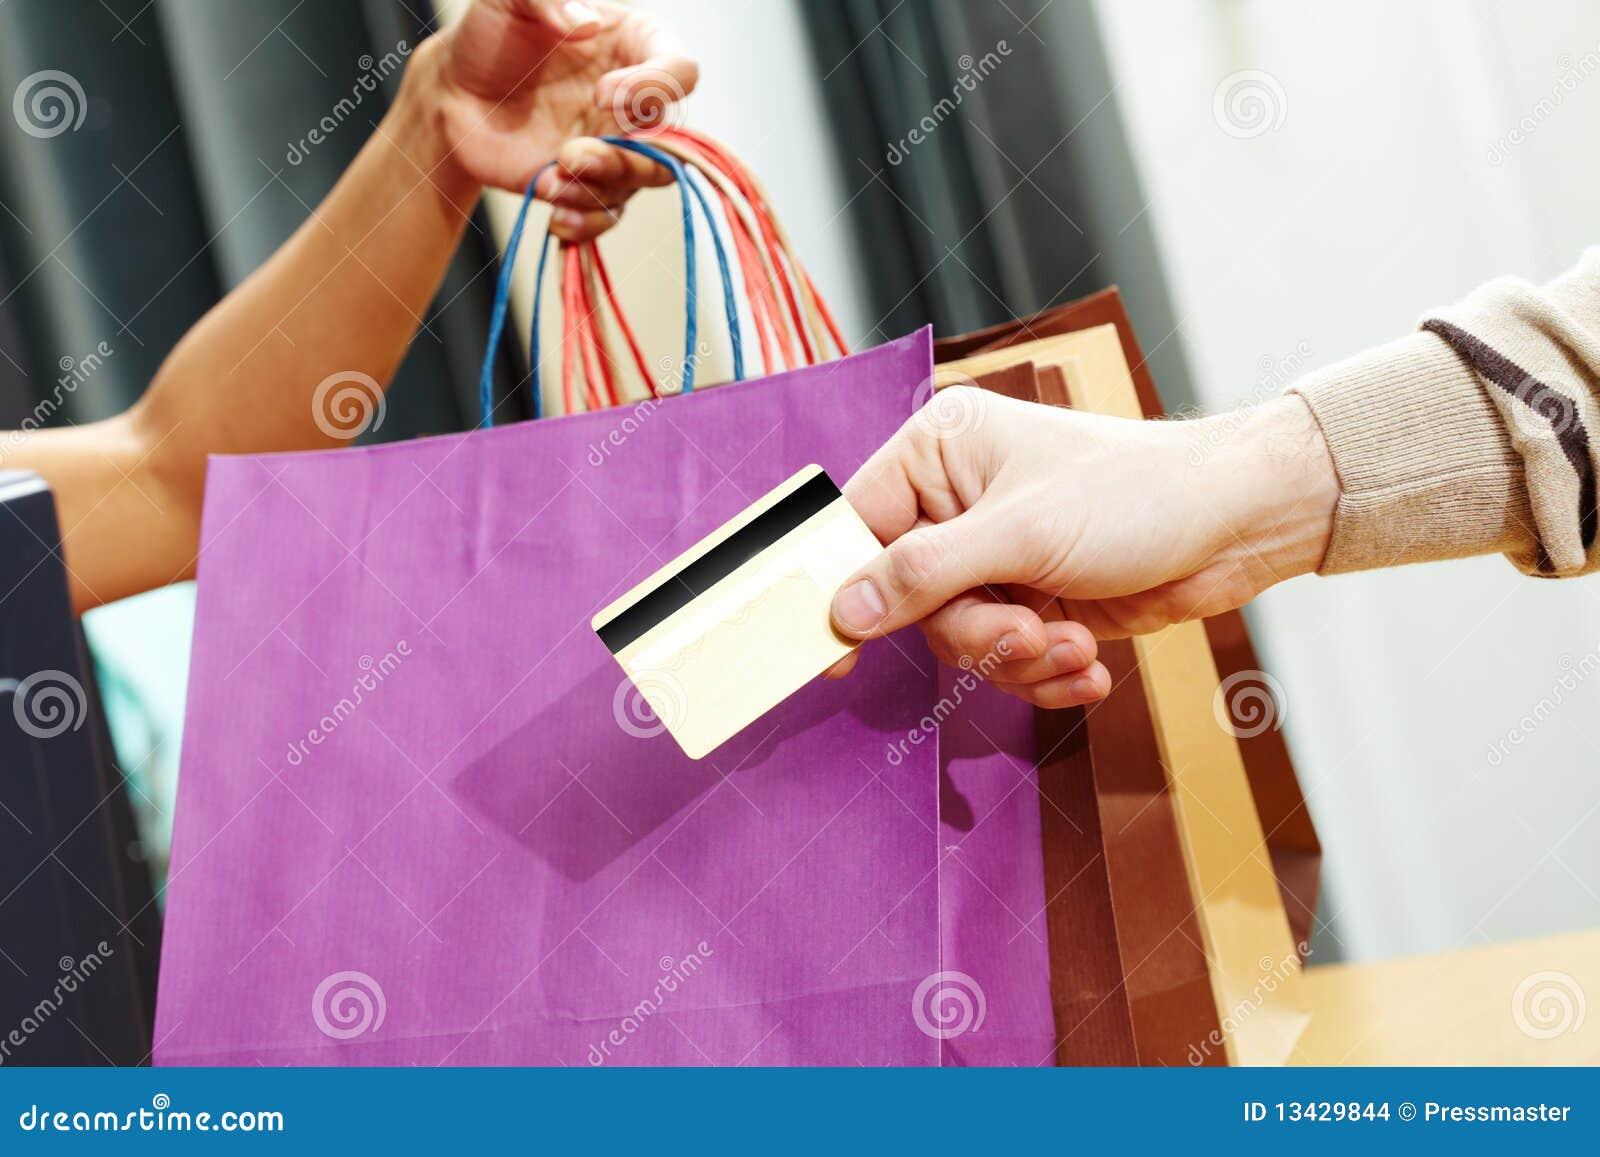 Paso de la tarjeta de crédito